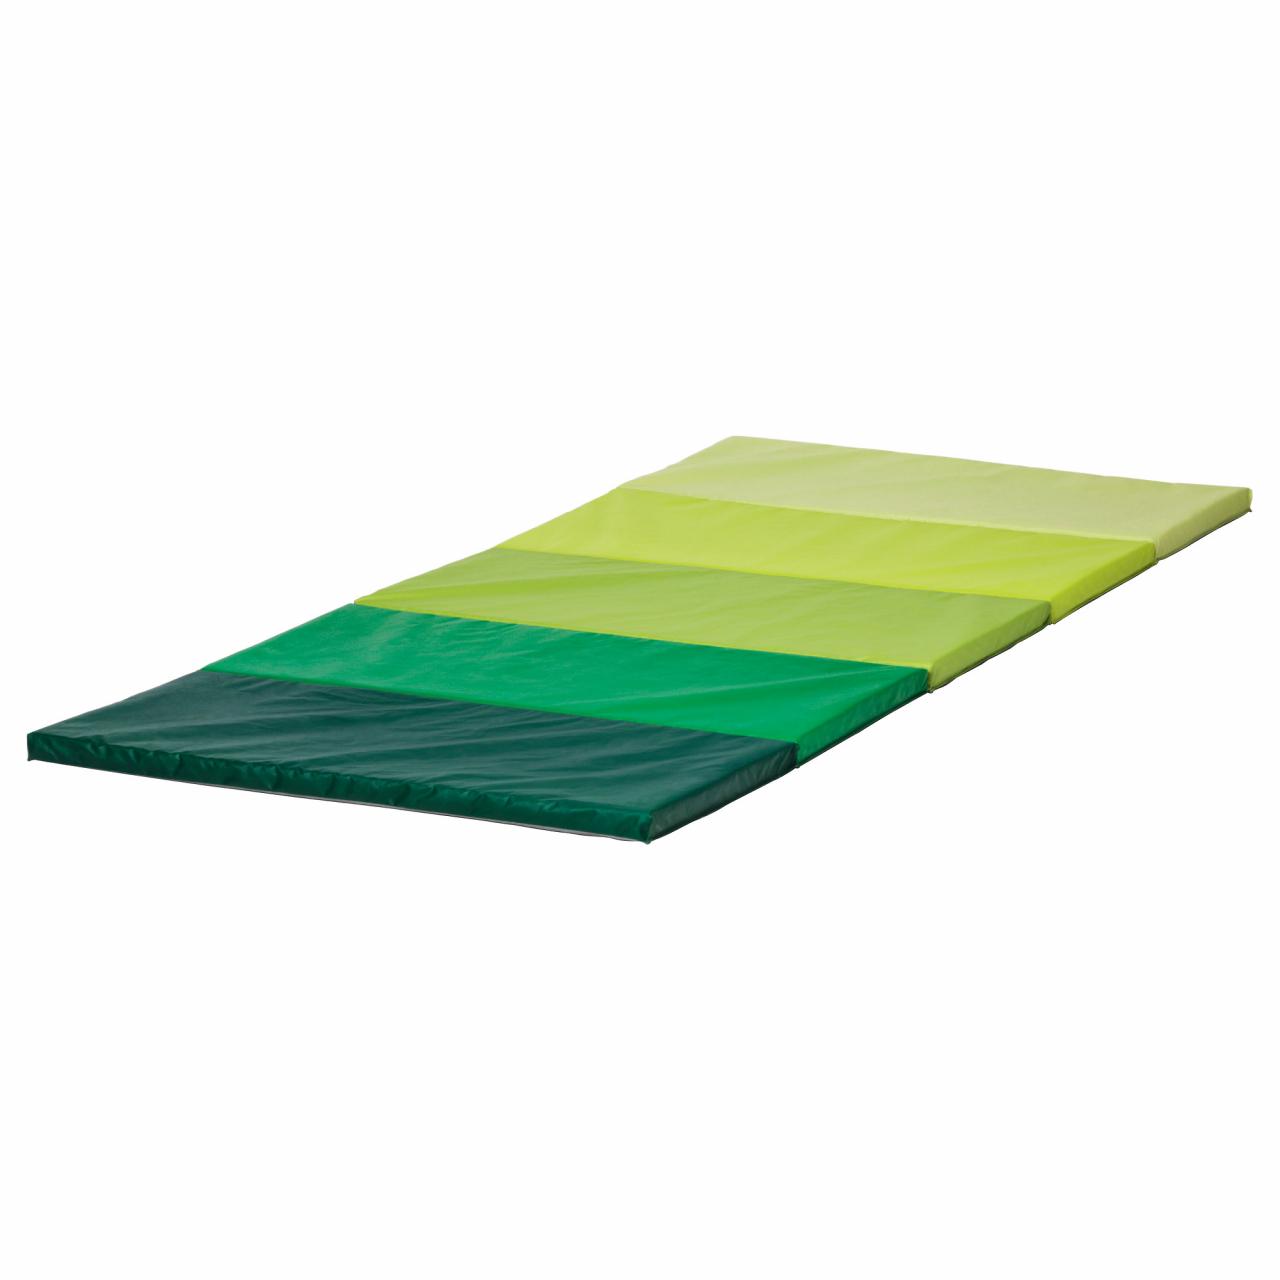 Ikea Plufsig paklājiņš. Universāls paklājiņš lieliem un pavisam maziem bērniem, kuru var izmantot vingrošanai, dažādām rotaļām sēdēšanai un gulēšanai. 37,50 eiro, Mebstore.lv